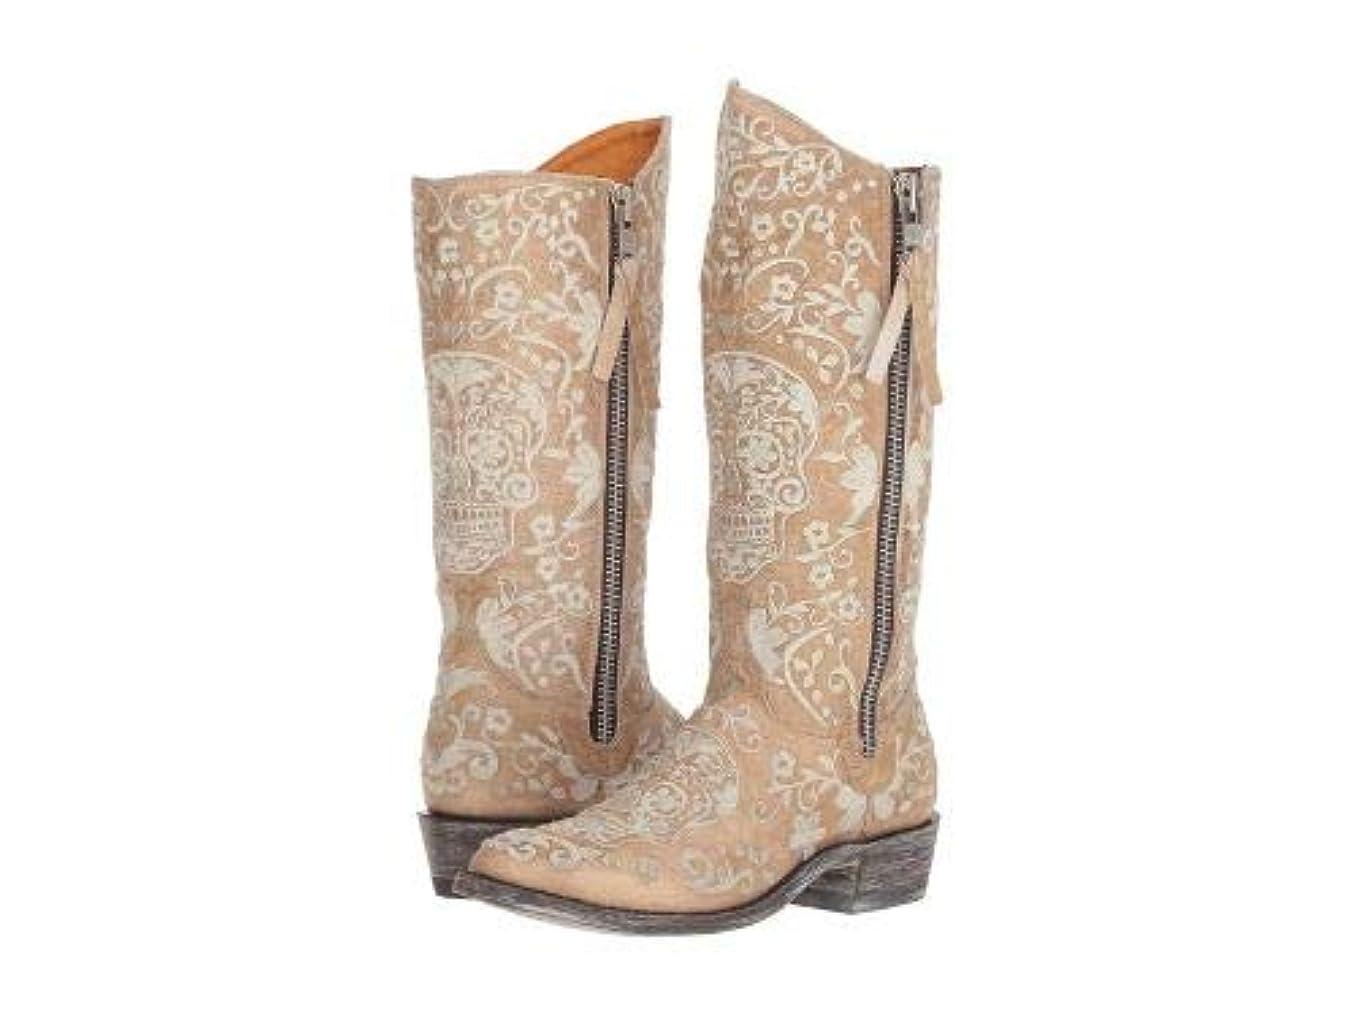 通行人郵便屋さん鋸歯状Old Gringo(オールドグリンゴ) レディース 女性用 シューズ 靴 ブーツ ウエスタンブーツ Klakrazz - Bone [並行輸入品]